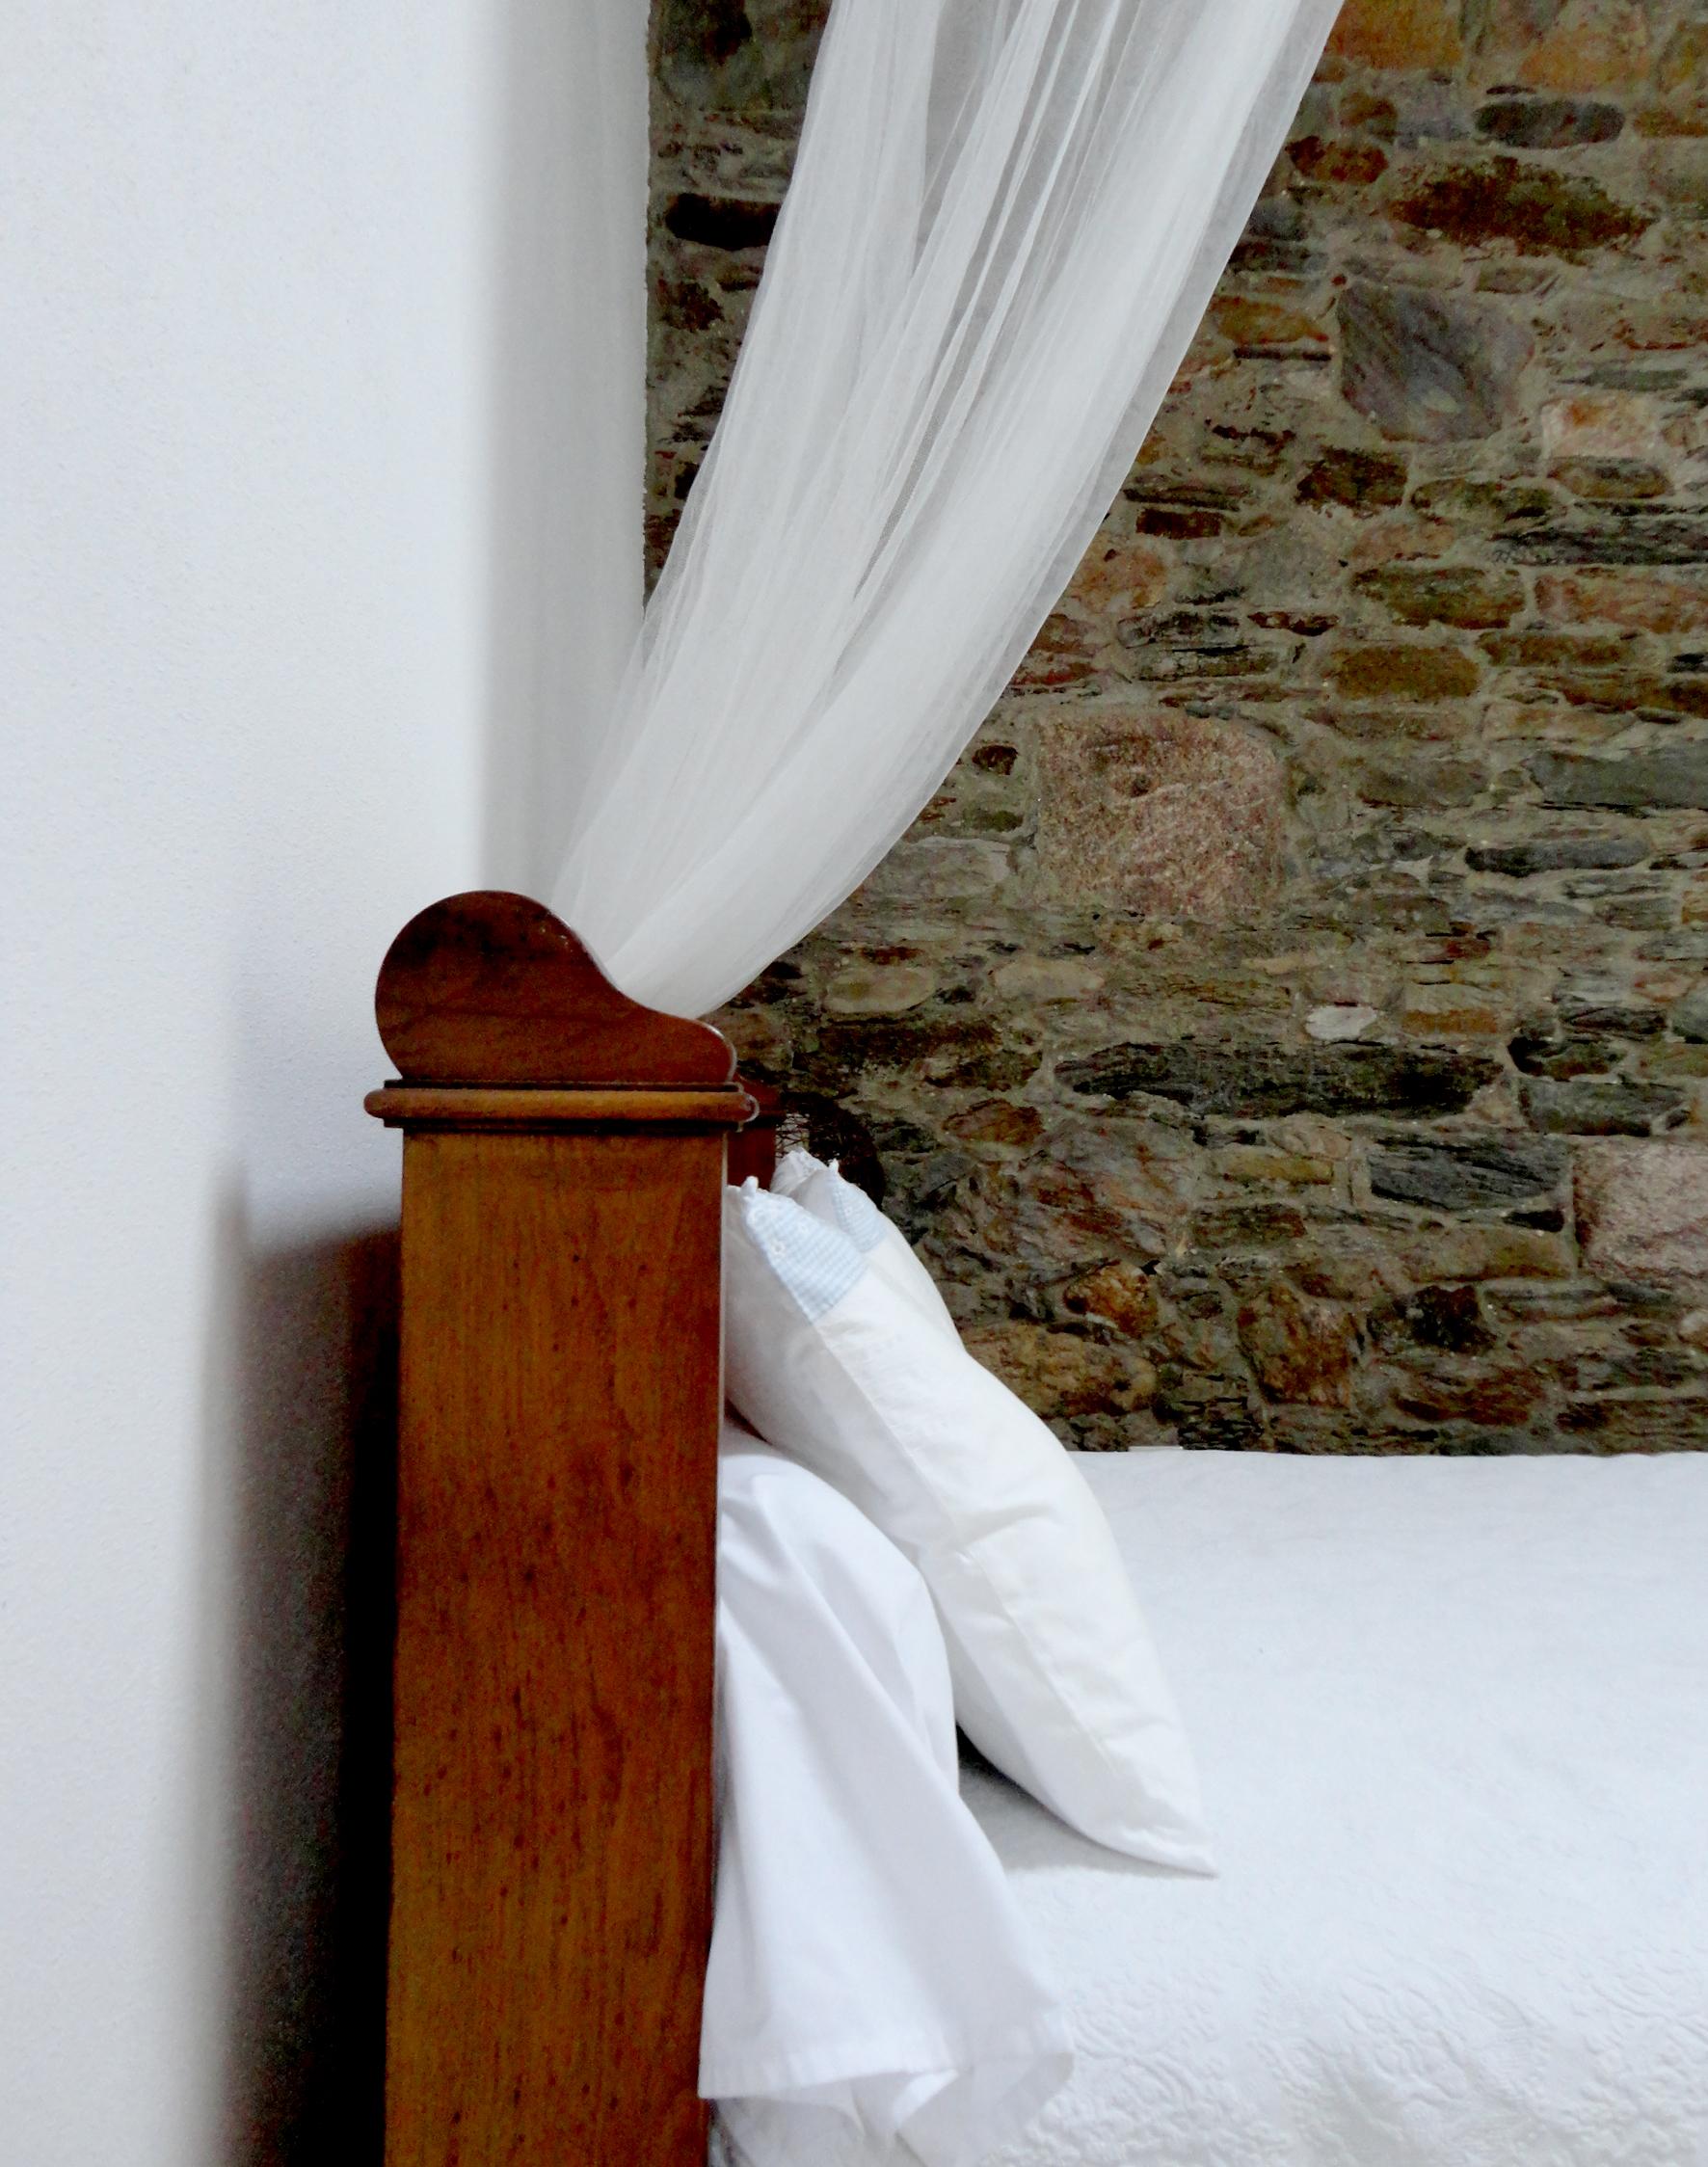 adorei a barra da cama - detalhada mas não exagerada.